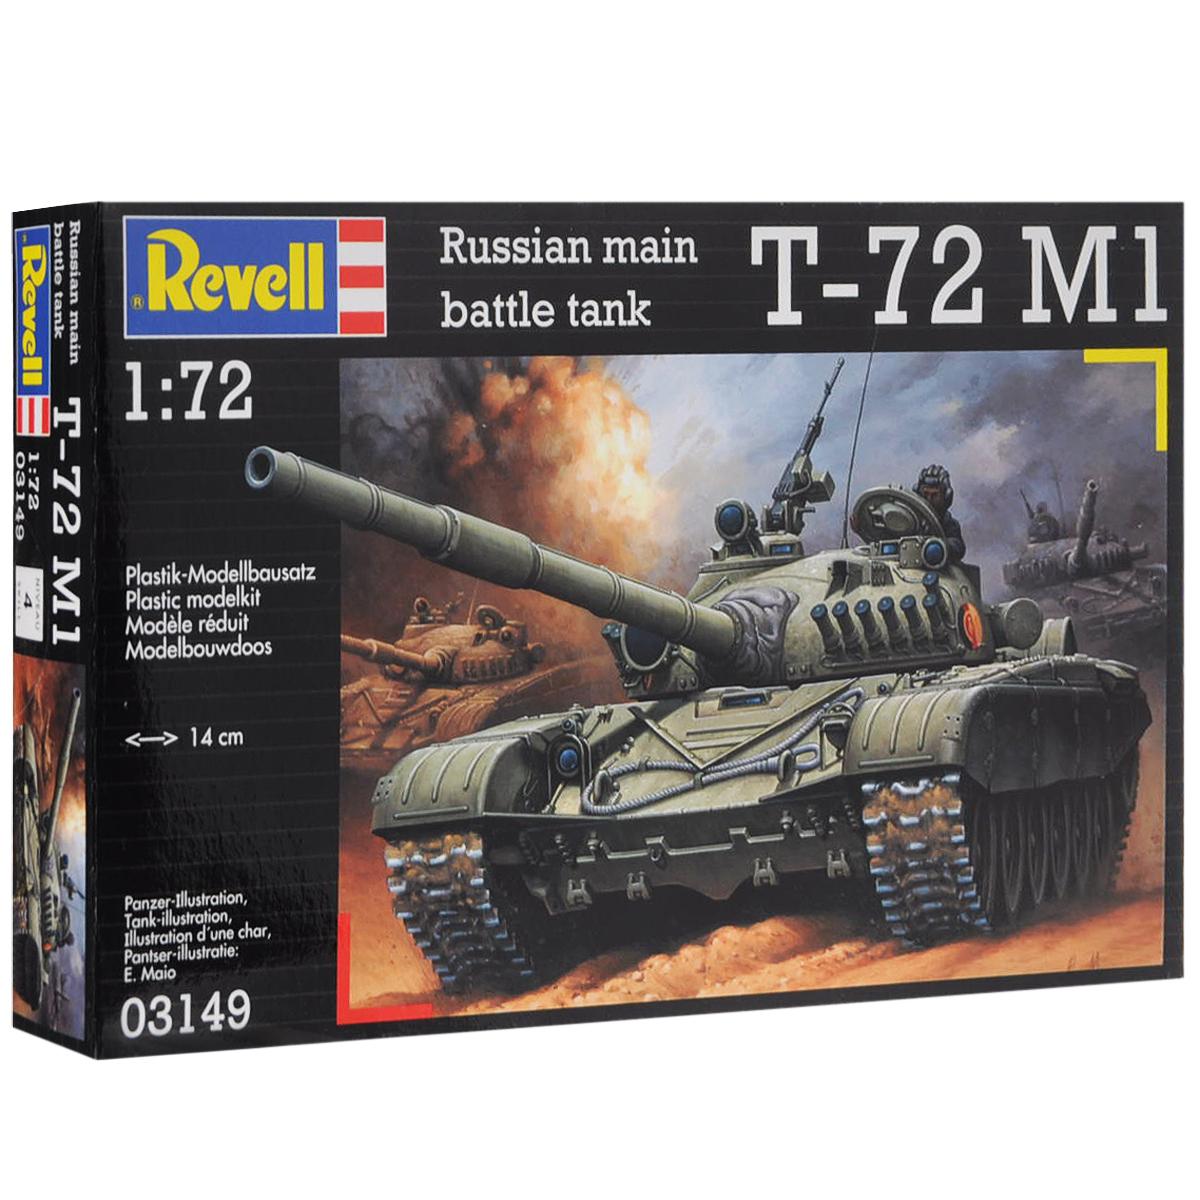 Сборная модель Revell Советский танк T-72M3149Сборная модель Revell Советский танк T-72M поможет вам и вашему ребенку придумать увлекательное занятие на долгое время. Набор включает в себя 161 пластиковый элемент, из которых можно собрать уменьшенную копию советского танка Т-72М. Т-72 - самый массовый танк второго поколения. Всего было выпущено около 30 тысяч экземпляров. Состоит на вооружении стран СНГ, Индии, Финляндии, Ирака, Ирана и Сирии. Также в наборе схематичная инструкция по сборке. Процесс сборки развивает интеллектуальные и инструментальные способности, воображение и конструктивное мышление, а также прививает практические навыки работы со схемами и чертежами. Уровень сложности: 4. УВАЖАЕМЫЕ КЛИЕНТЫ! Обращаем ваше внимание на тот факт, что элементы для сборки не покрашены. Клей и краски в комплект не входят.